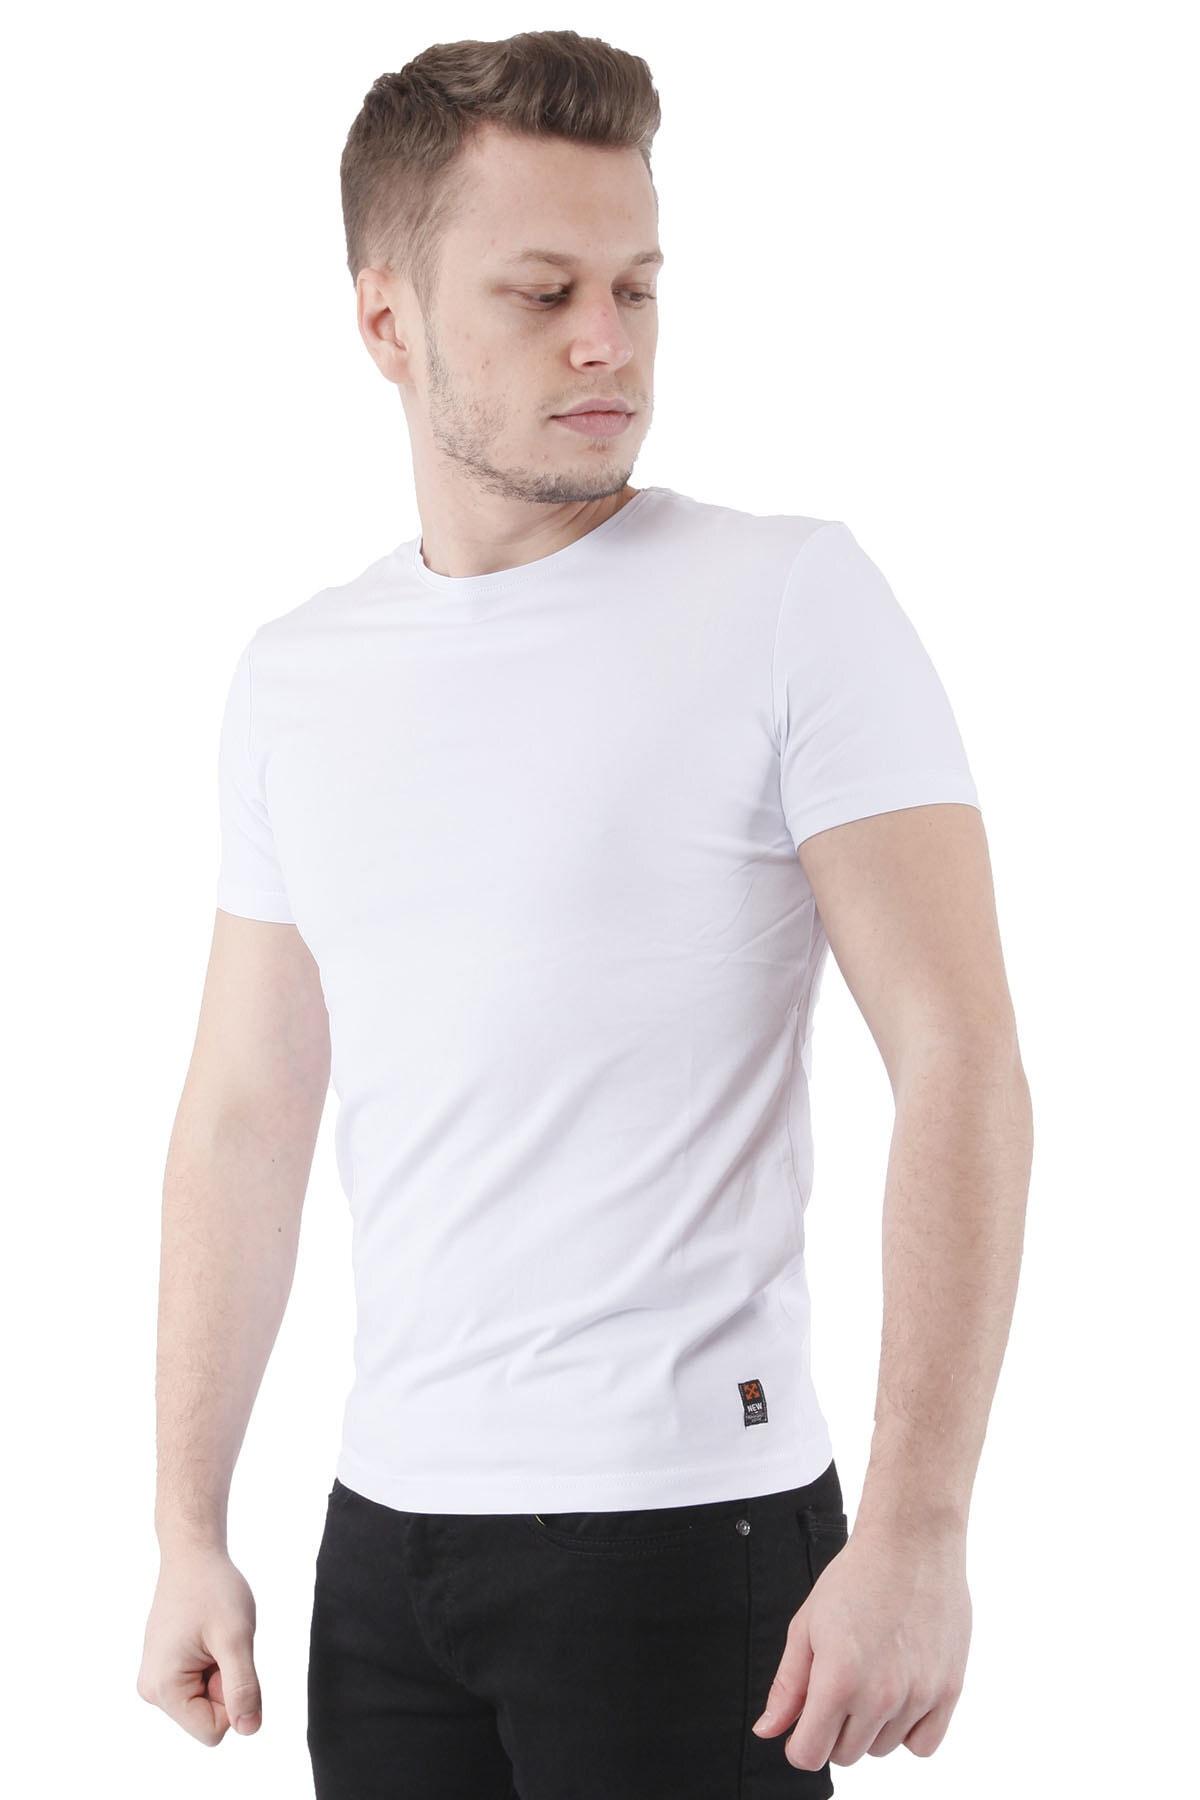 Canelia Beyaz Erkek Slimfit T-shirt 2